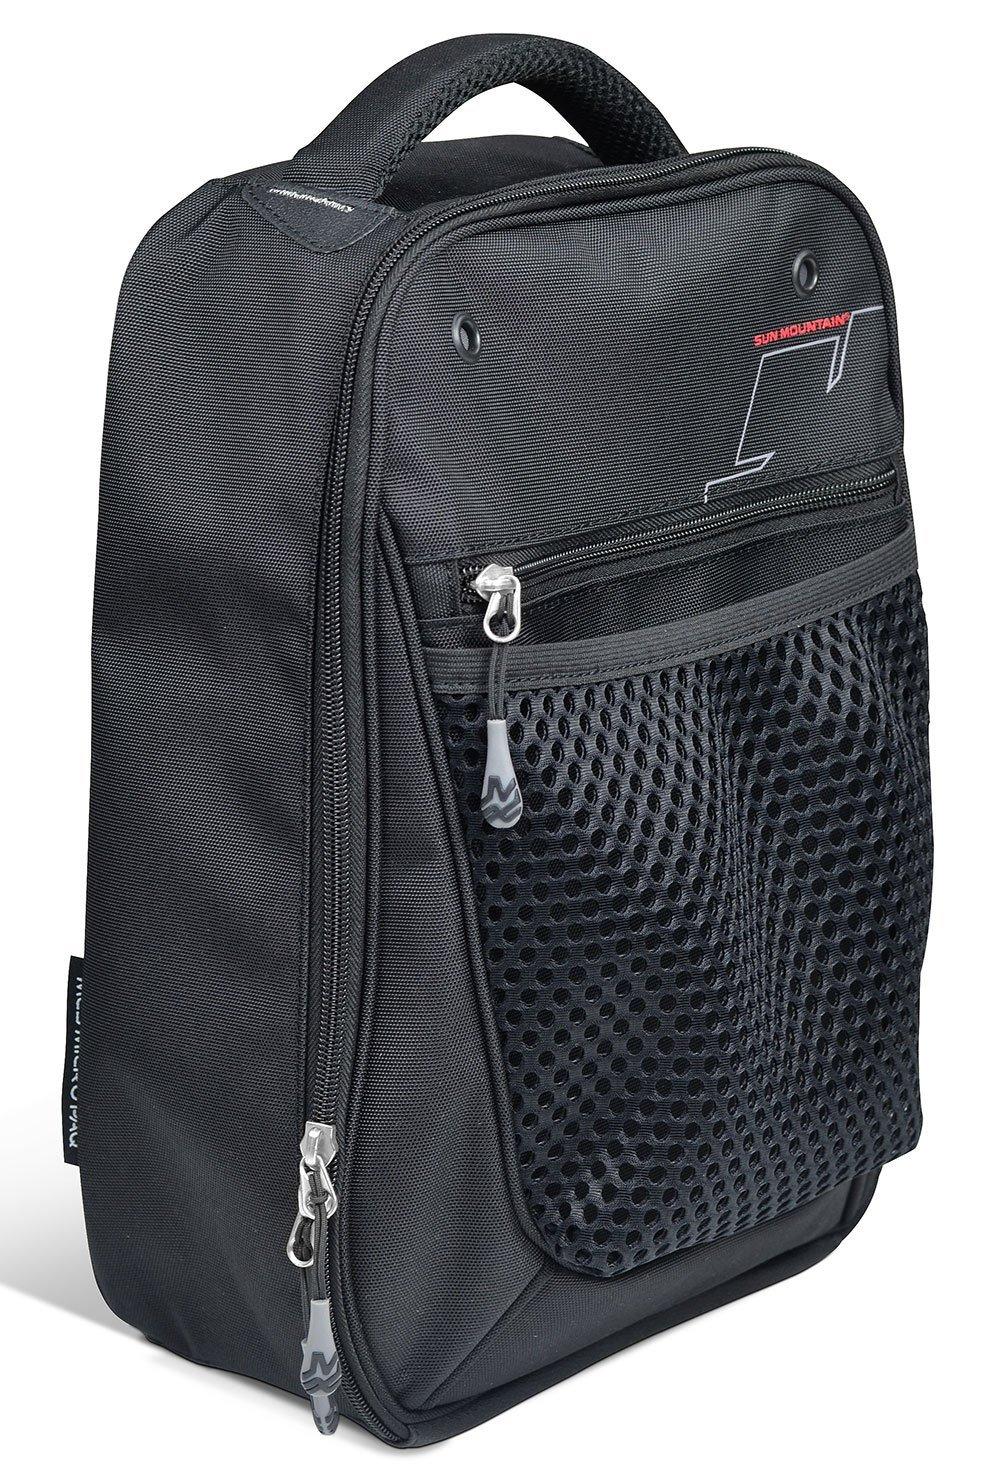 Sun Mountain Golf Micro-PAQ Bag